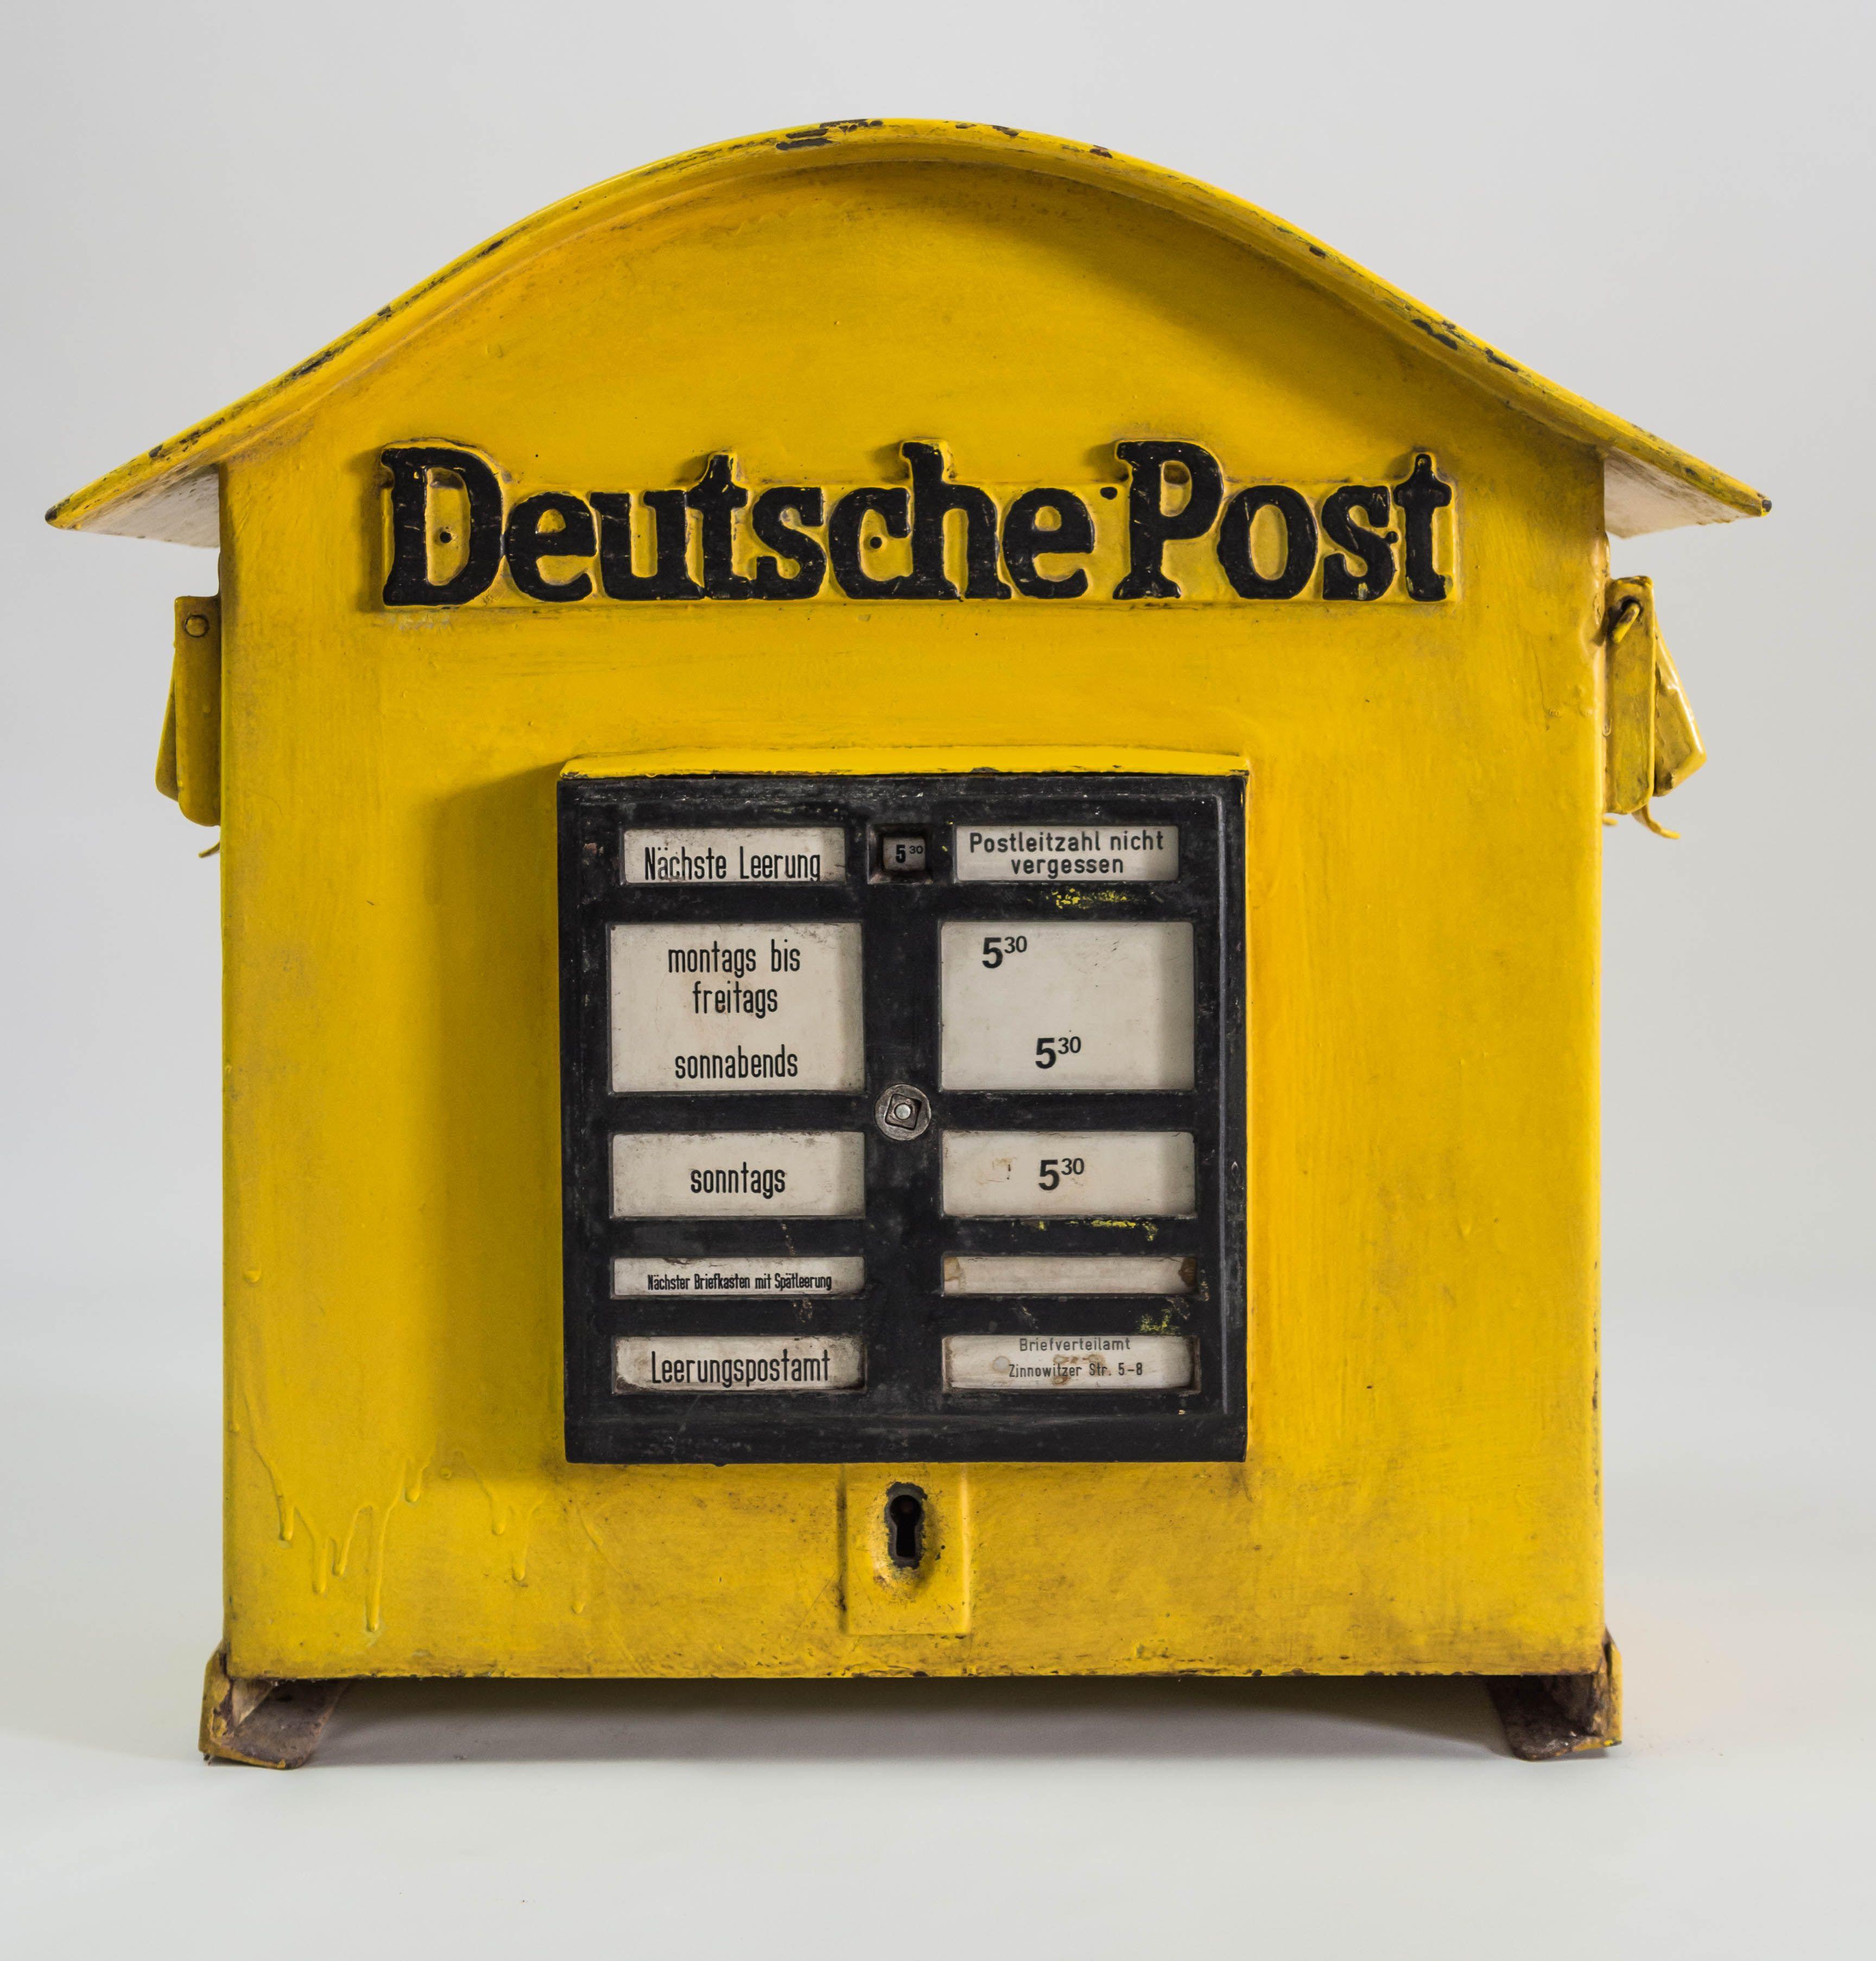 Spätleerung Briefkasten Berlin : ddr museum museum objektdatenbank briefkasten copyright ddr museum berlin eine ~ Frokenaadalensverden.com Haus und Dekorationen